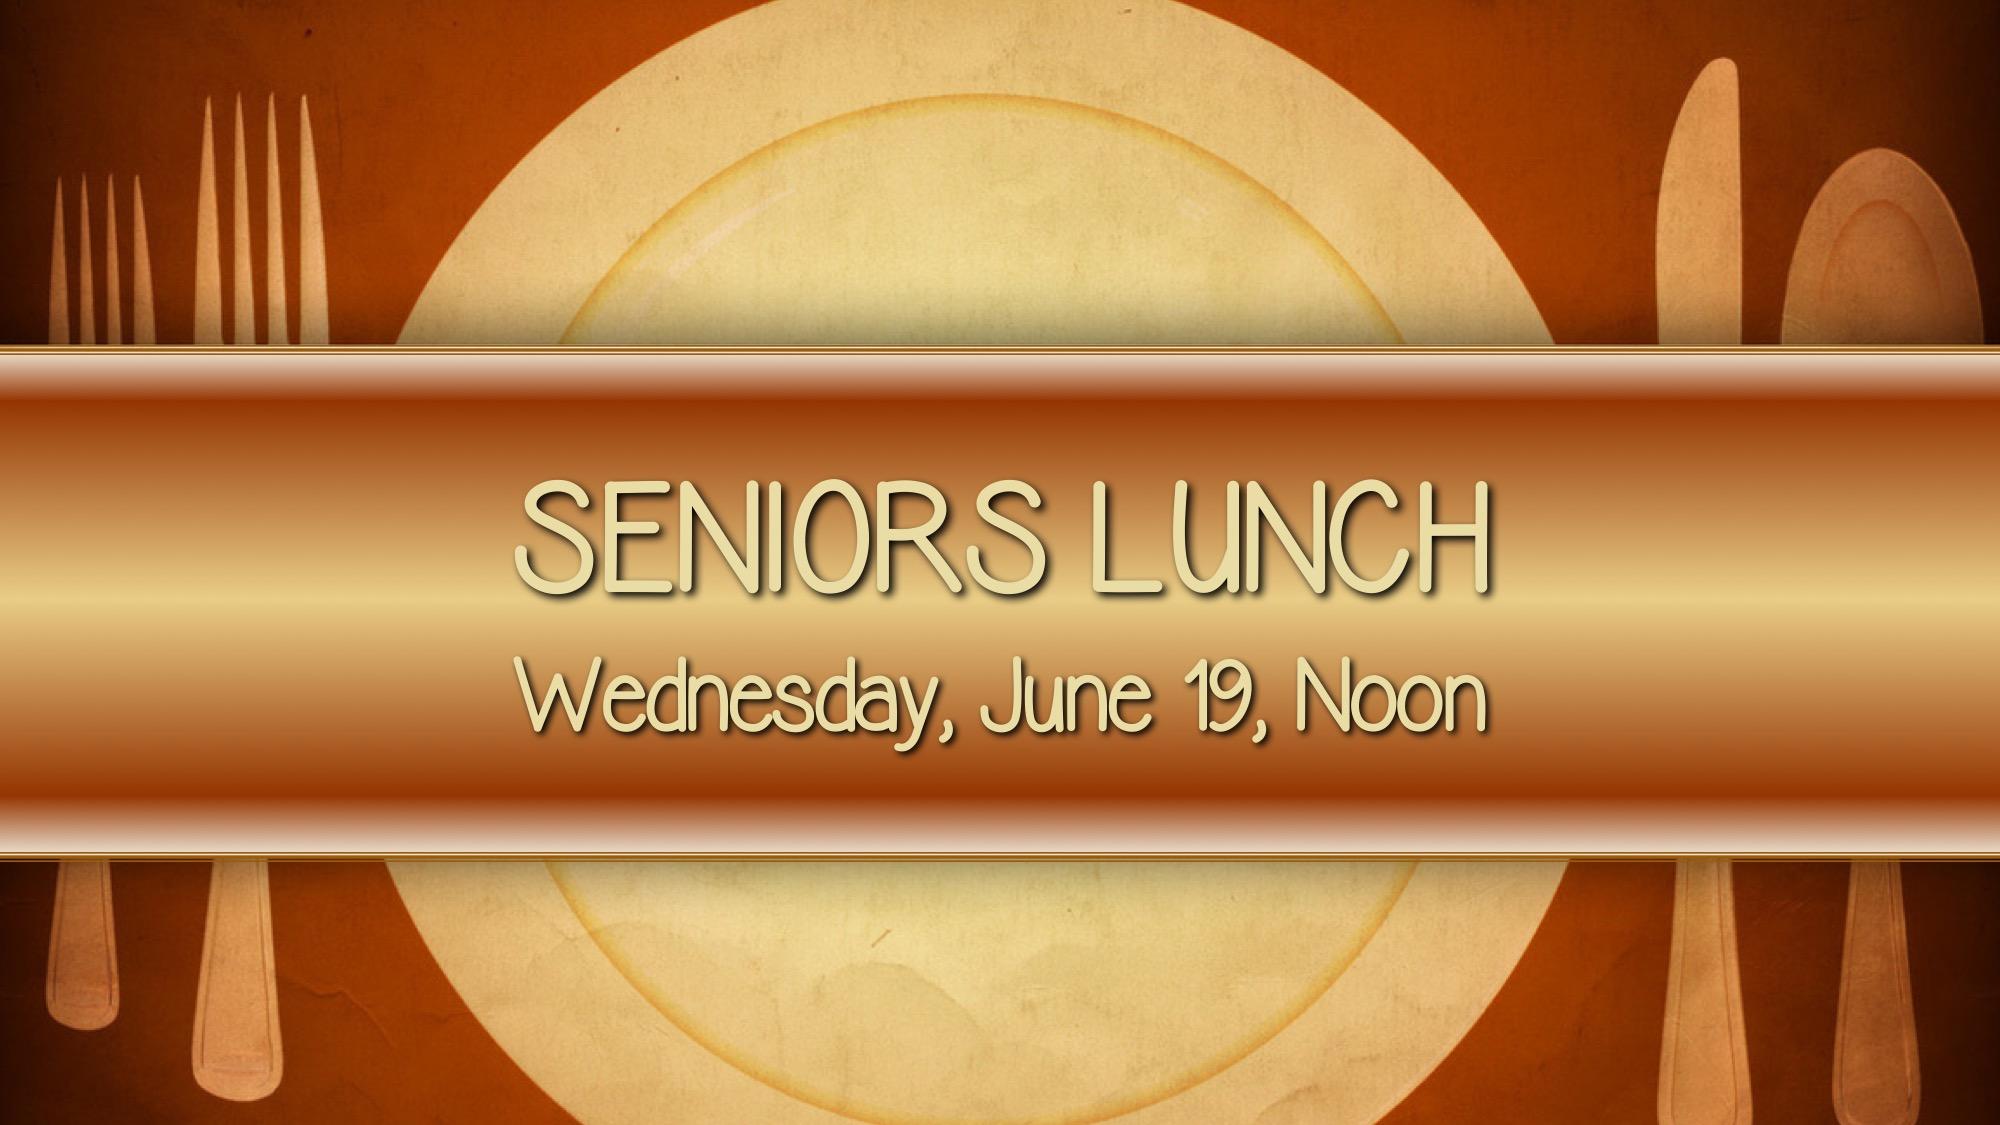 Seniors Lunch June 2019 16x9.jpg